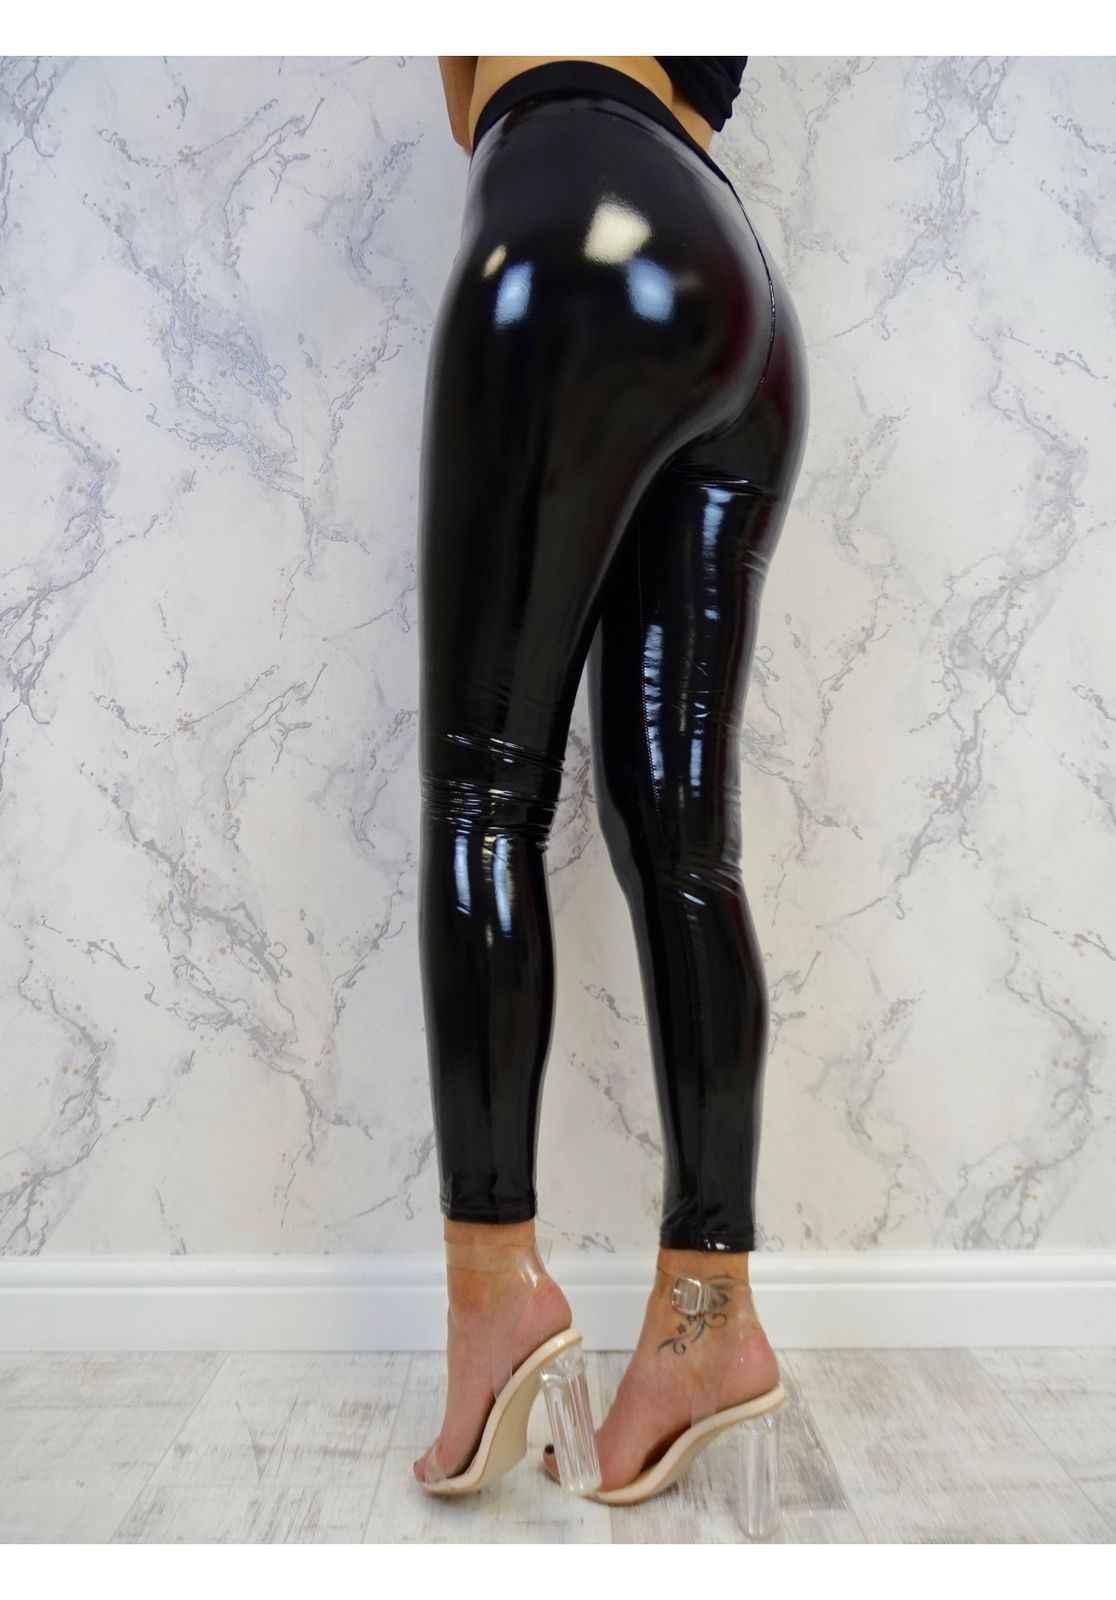 2018 nieuwe mode Dames Soft Strethcy Shiny Wet Look PU lederen Leggings Broek Broek stijlvolle vrouwelijke zwarte skinny broek